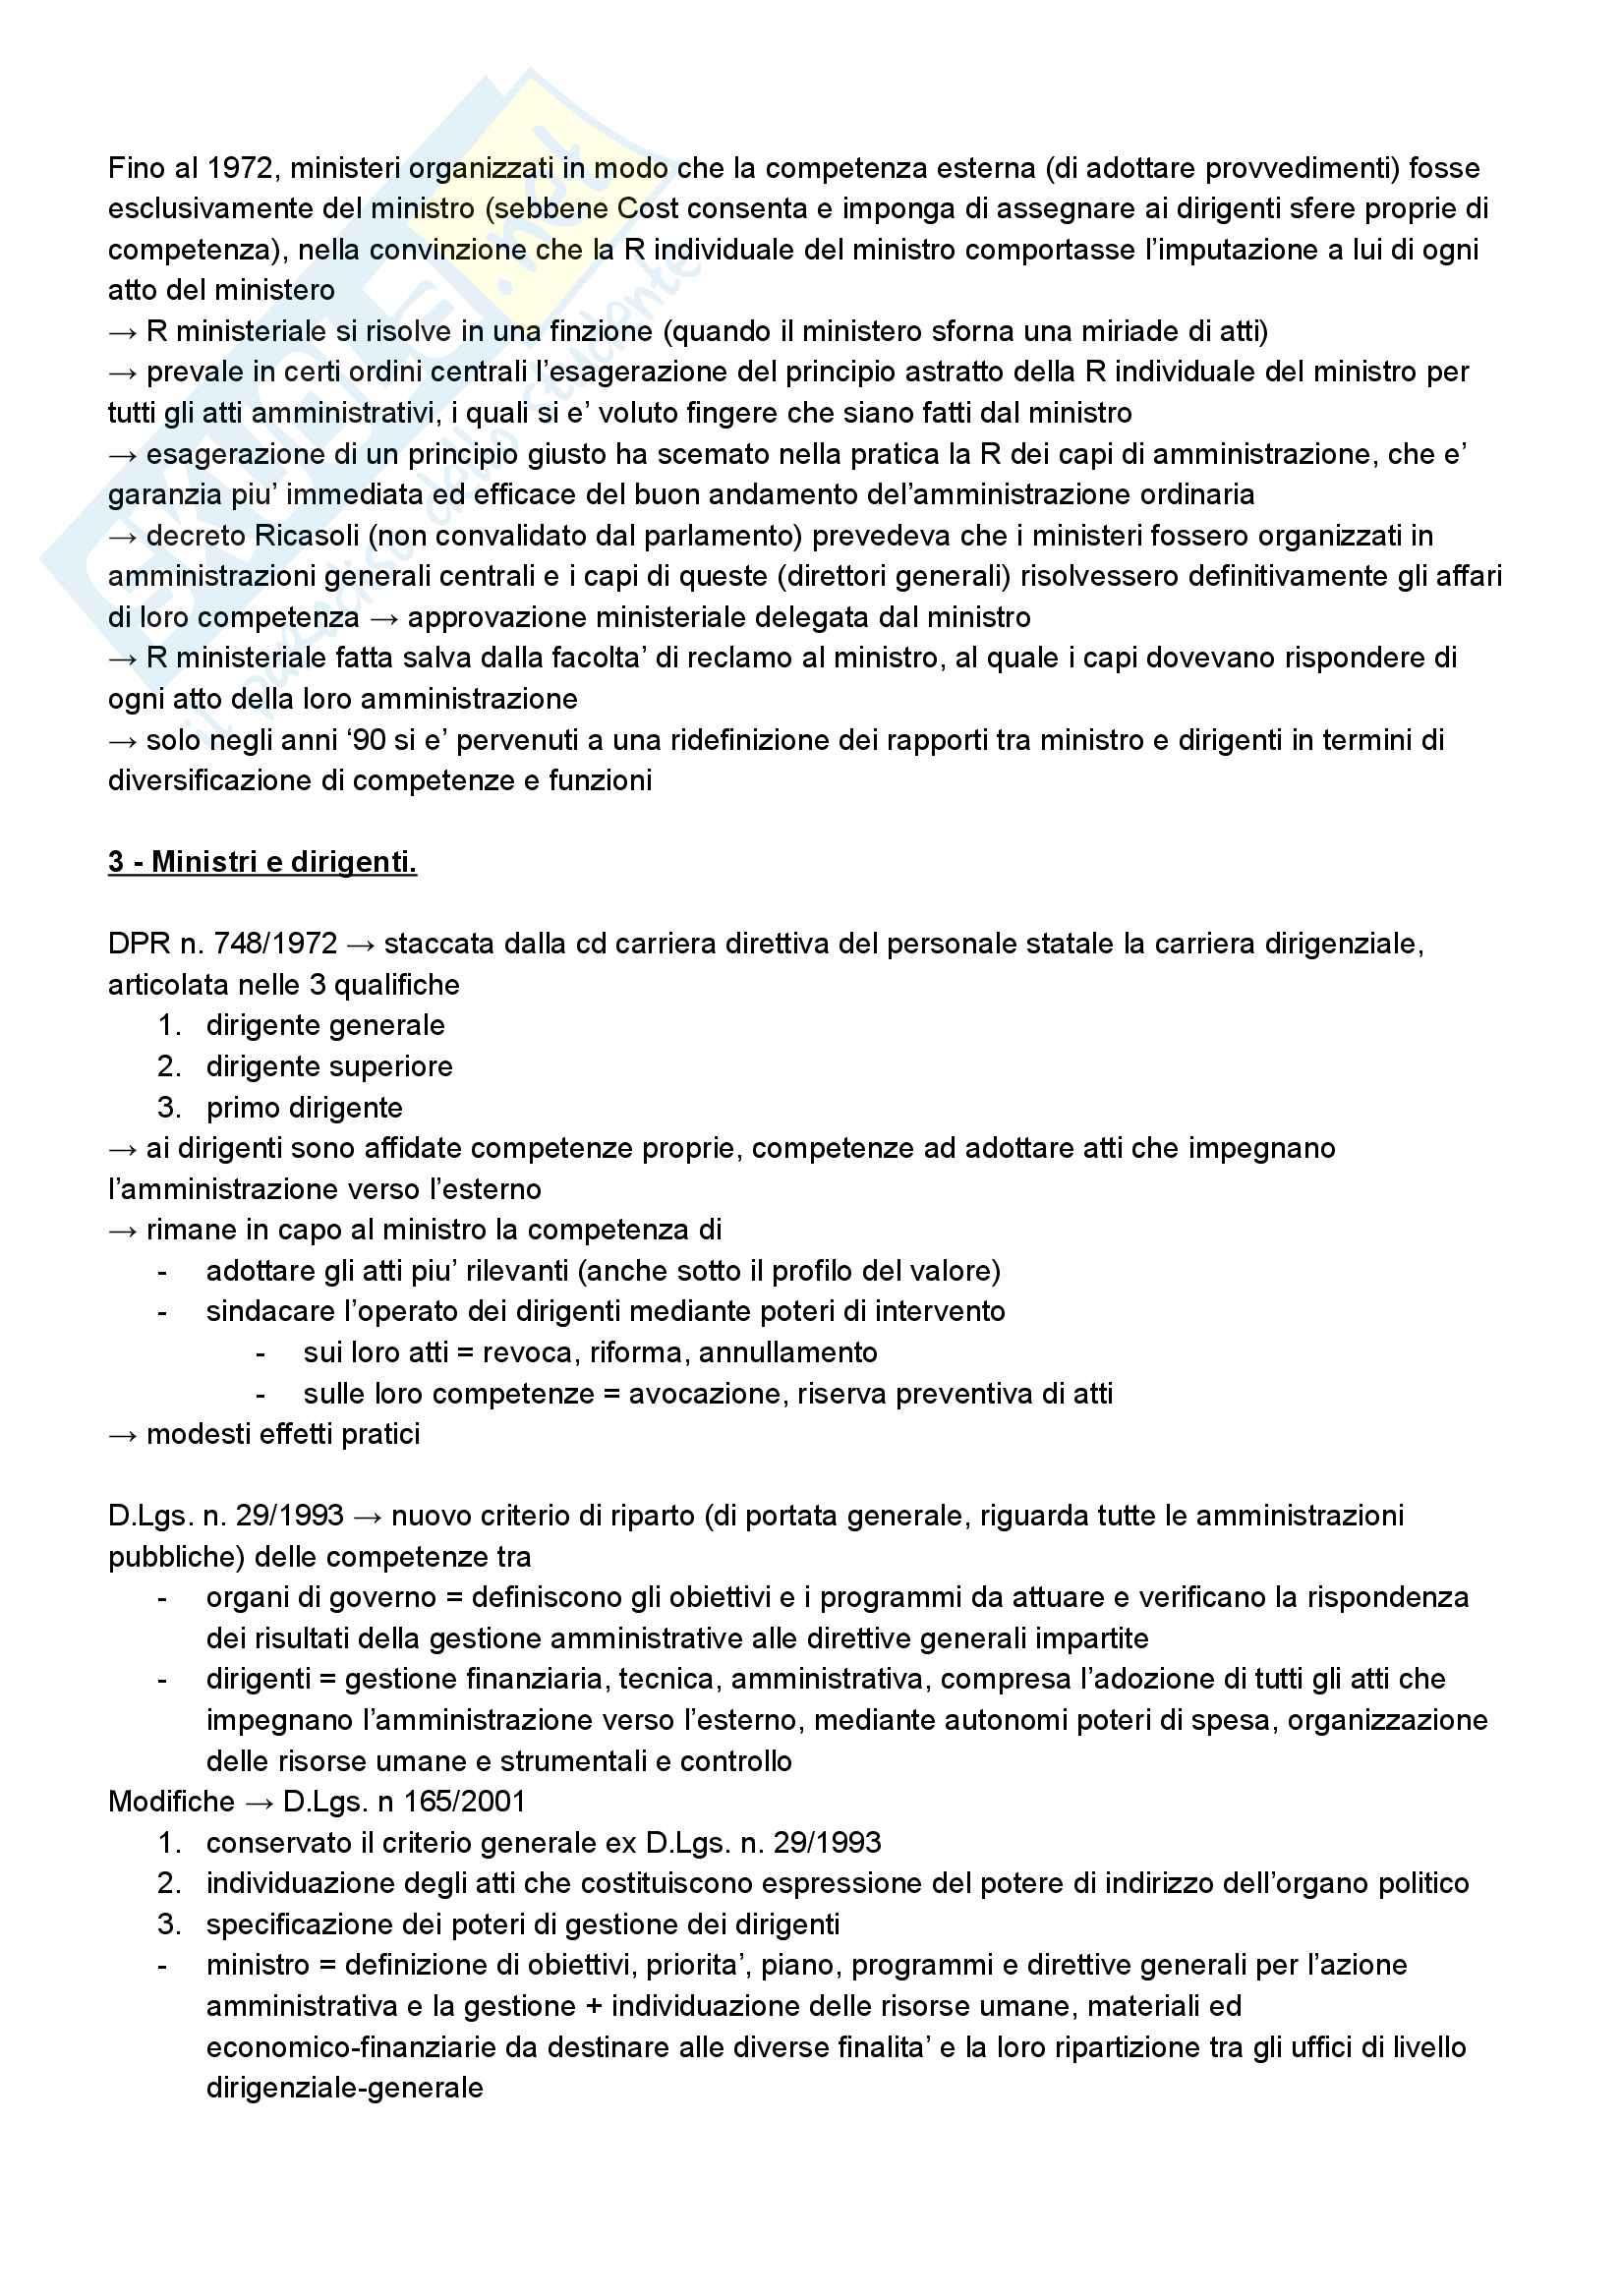 Riassunto esame diritto amministrativo, prof. Barbara Marchetti (UniTn), libro consigliato Manuale di Diritto Amministrativo, Guido Corso, ultima edizione, AA. 2016/2017 Pag. 21